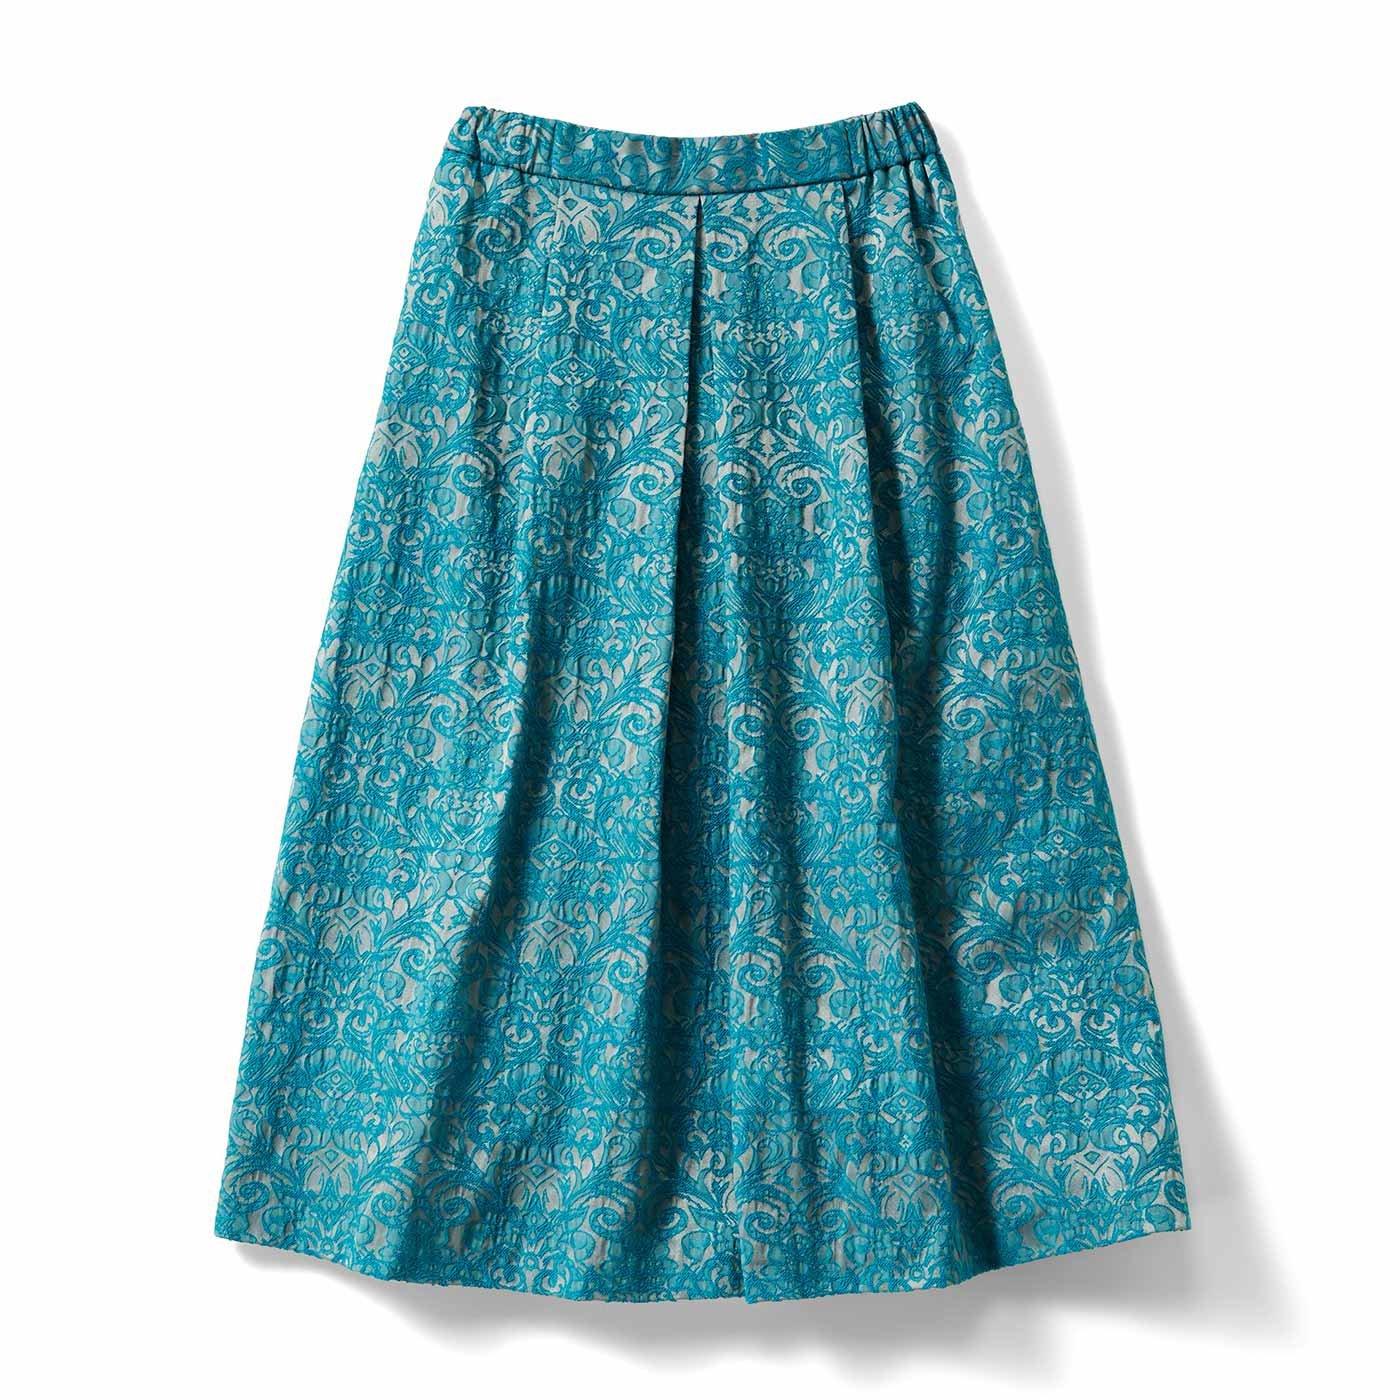 IEDIT[イディット] 裏フリース素材のジャカード柄フレアースカート〈グリーン〉